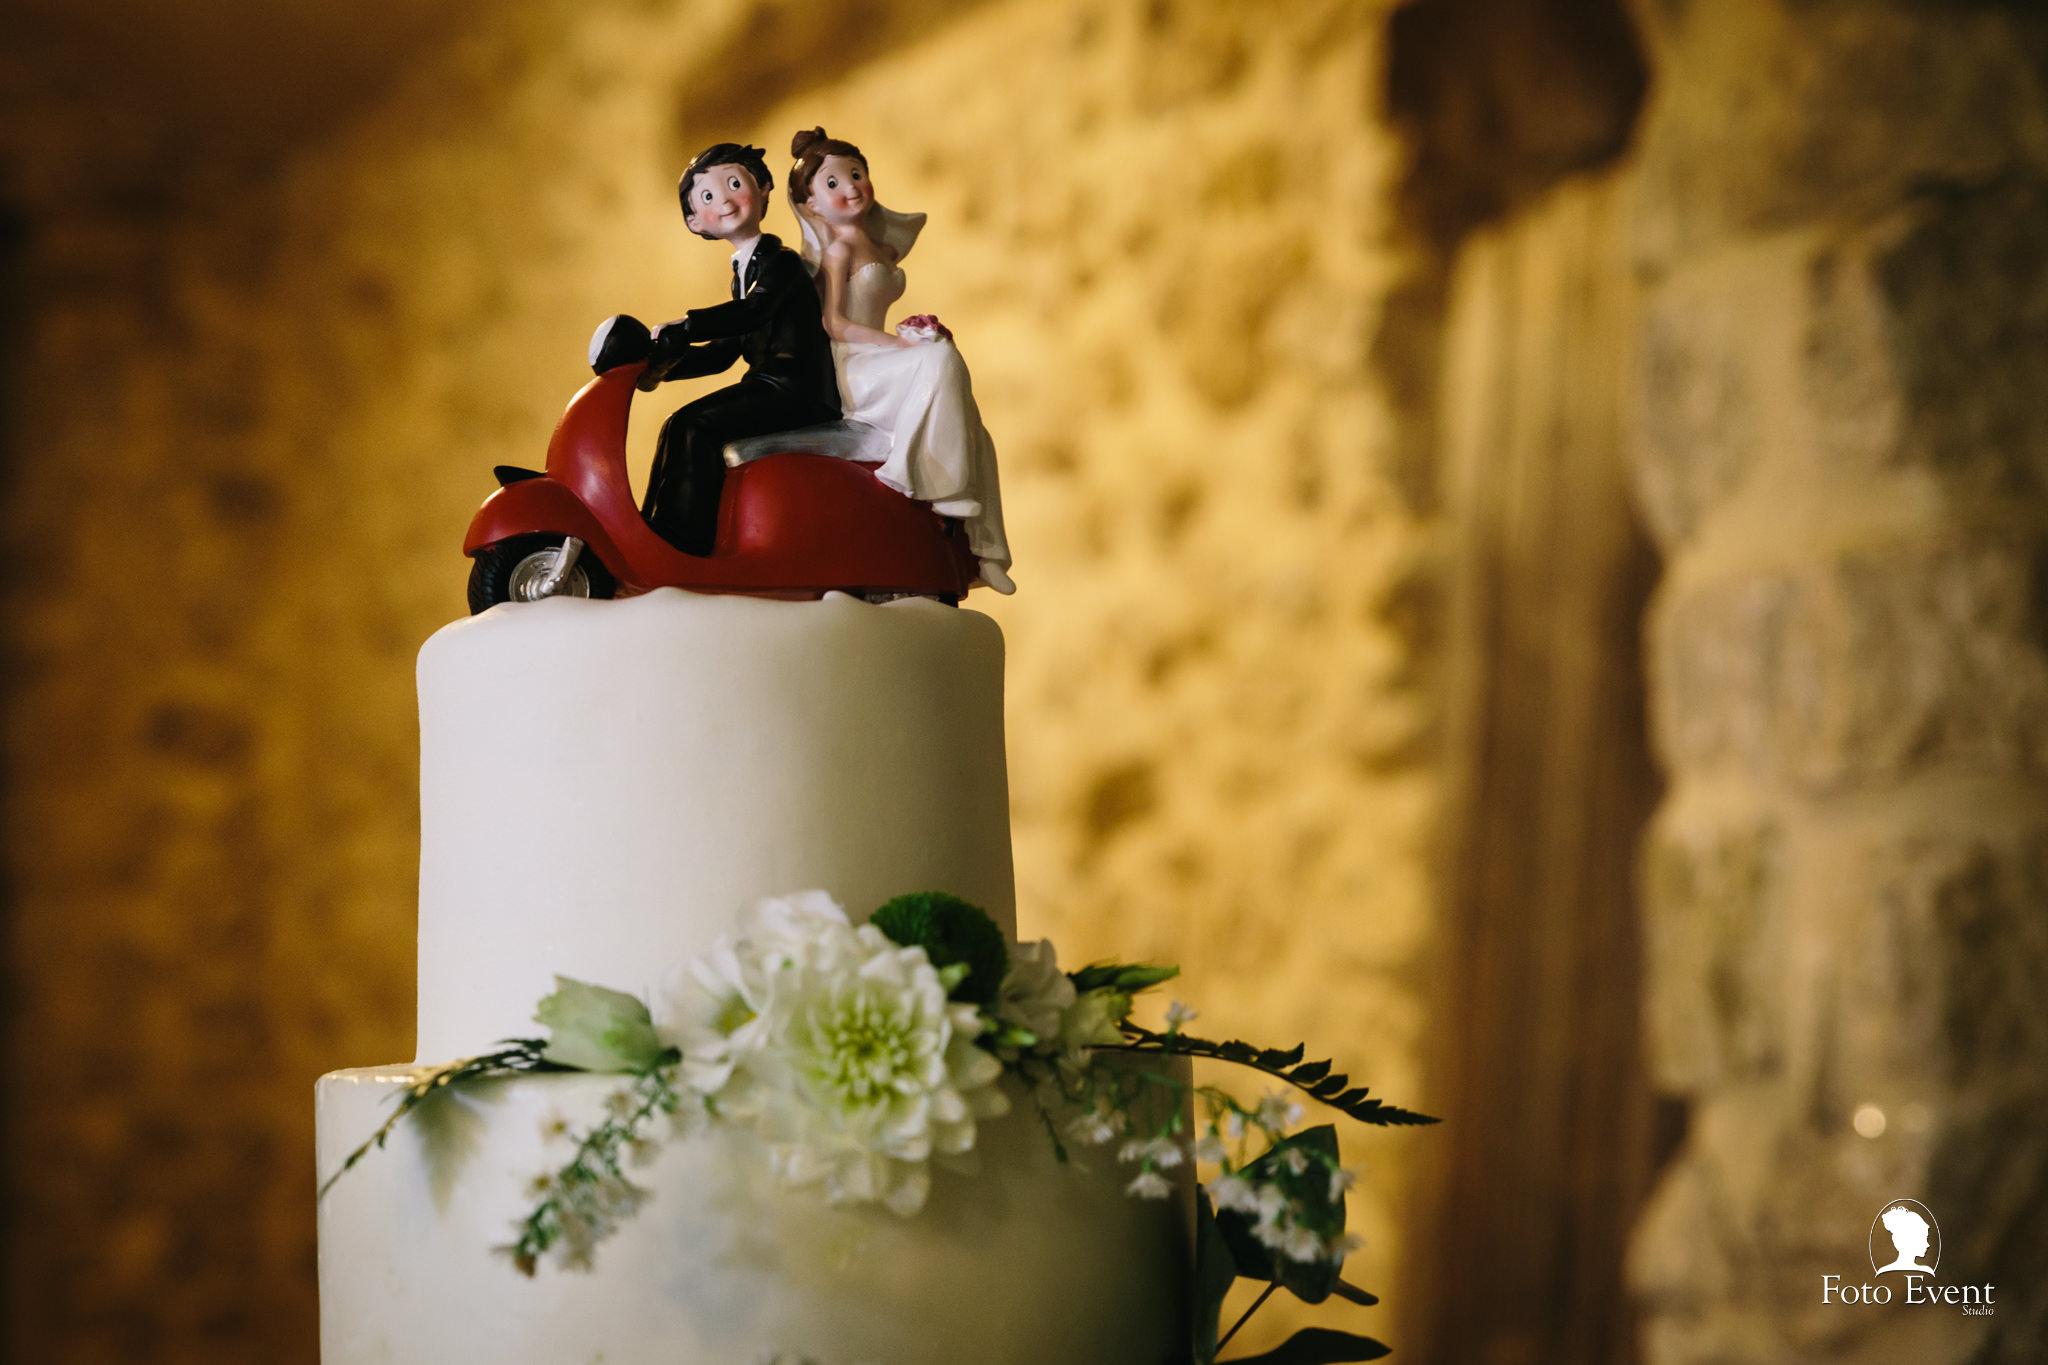 060-2020-10-15-Matrimonio-Noemi-e-Salvatore-Paterno-5DE-2673